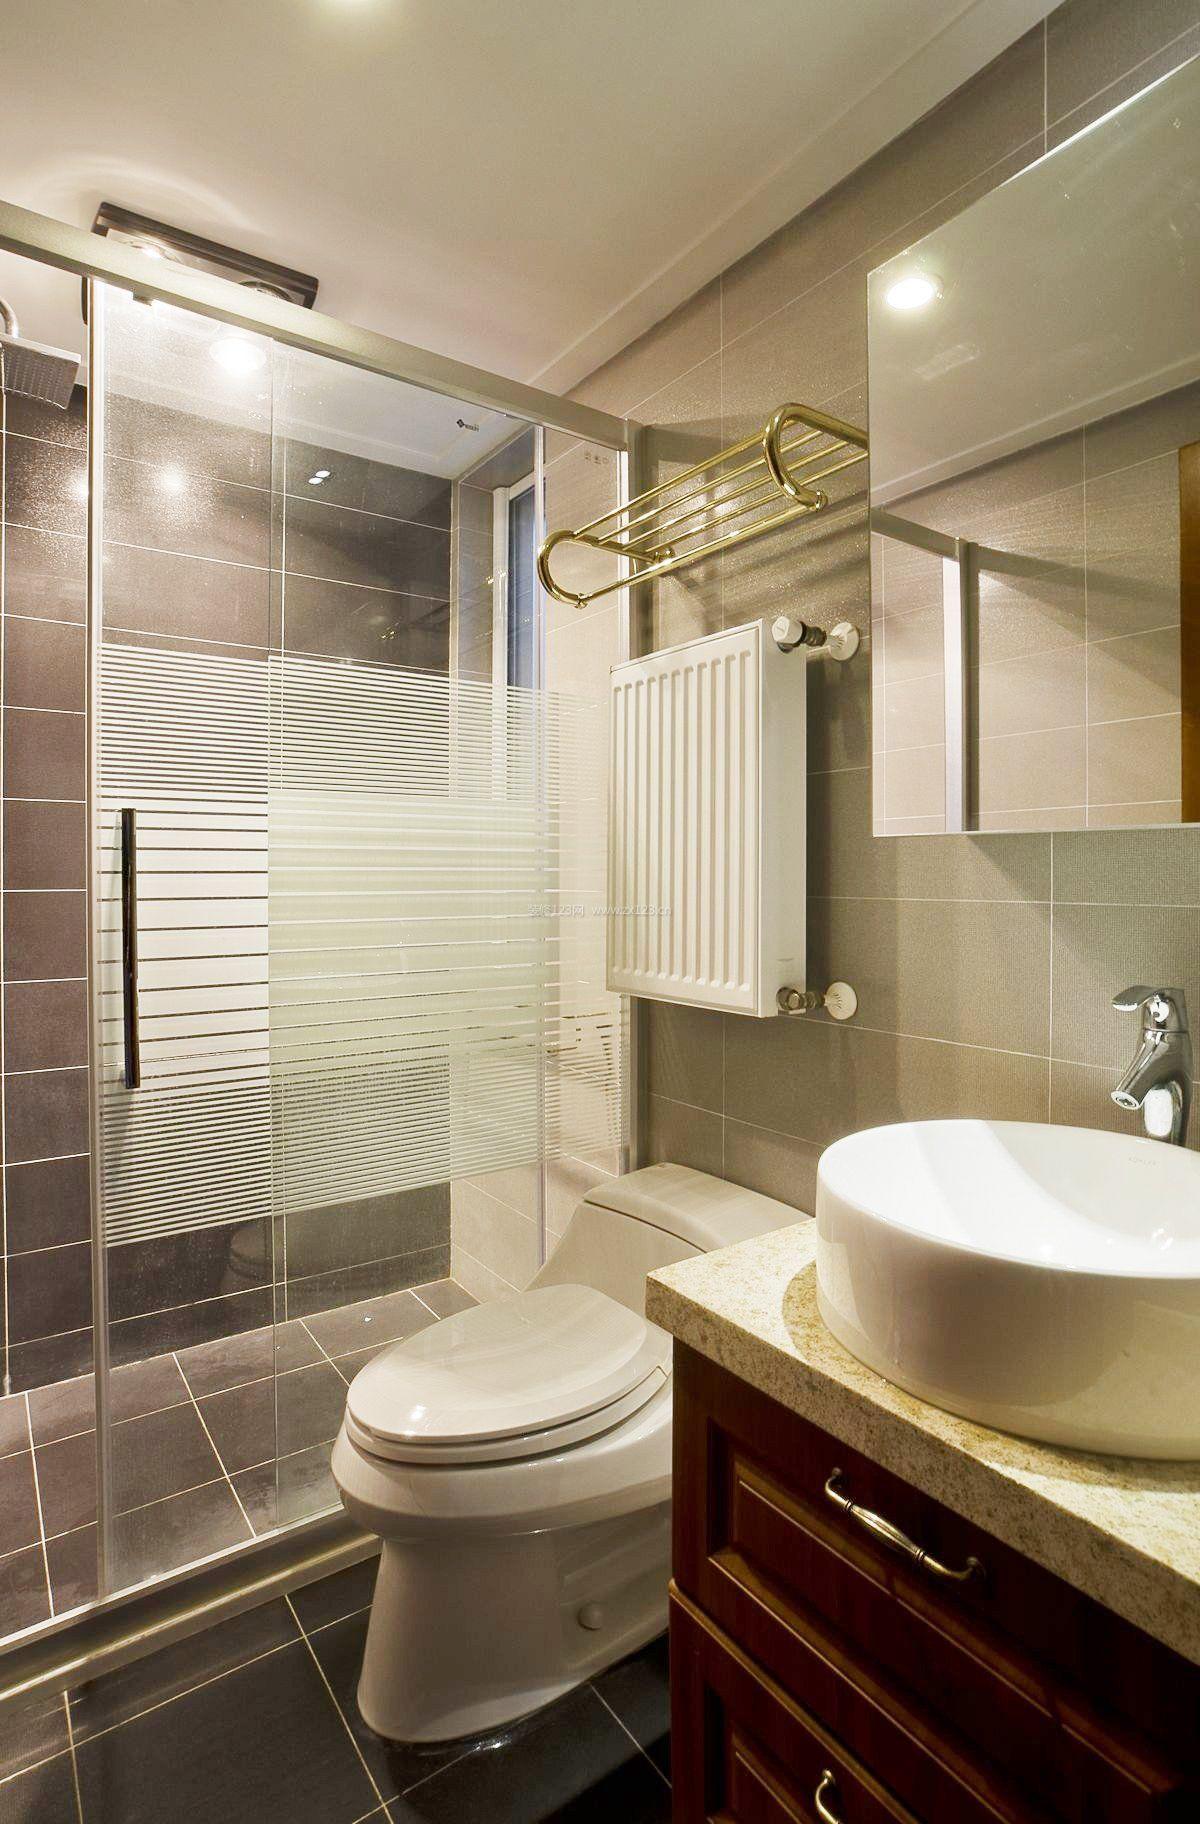 小清新浴室装修效果图-浴室装修效果图 huaban.com 宽330x264高